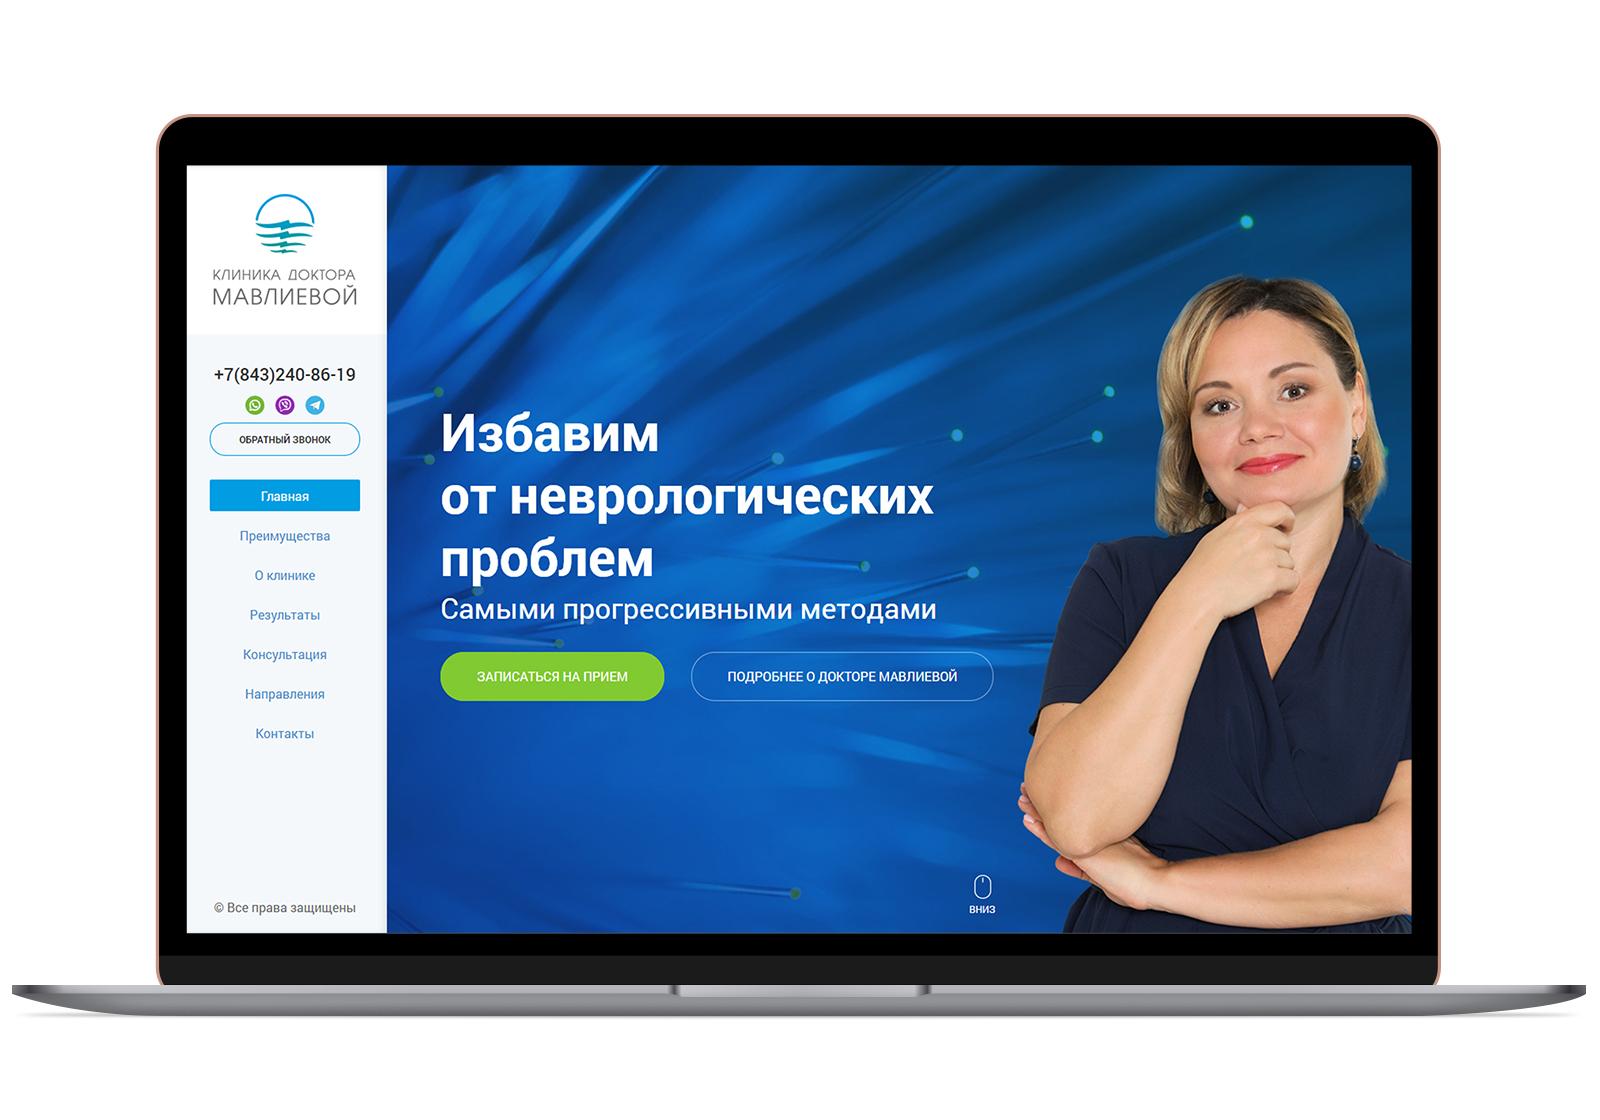 Адаптивный лендинг с рекламой «Клиника доктора Мавлиевой»